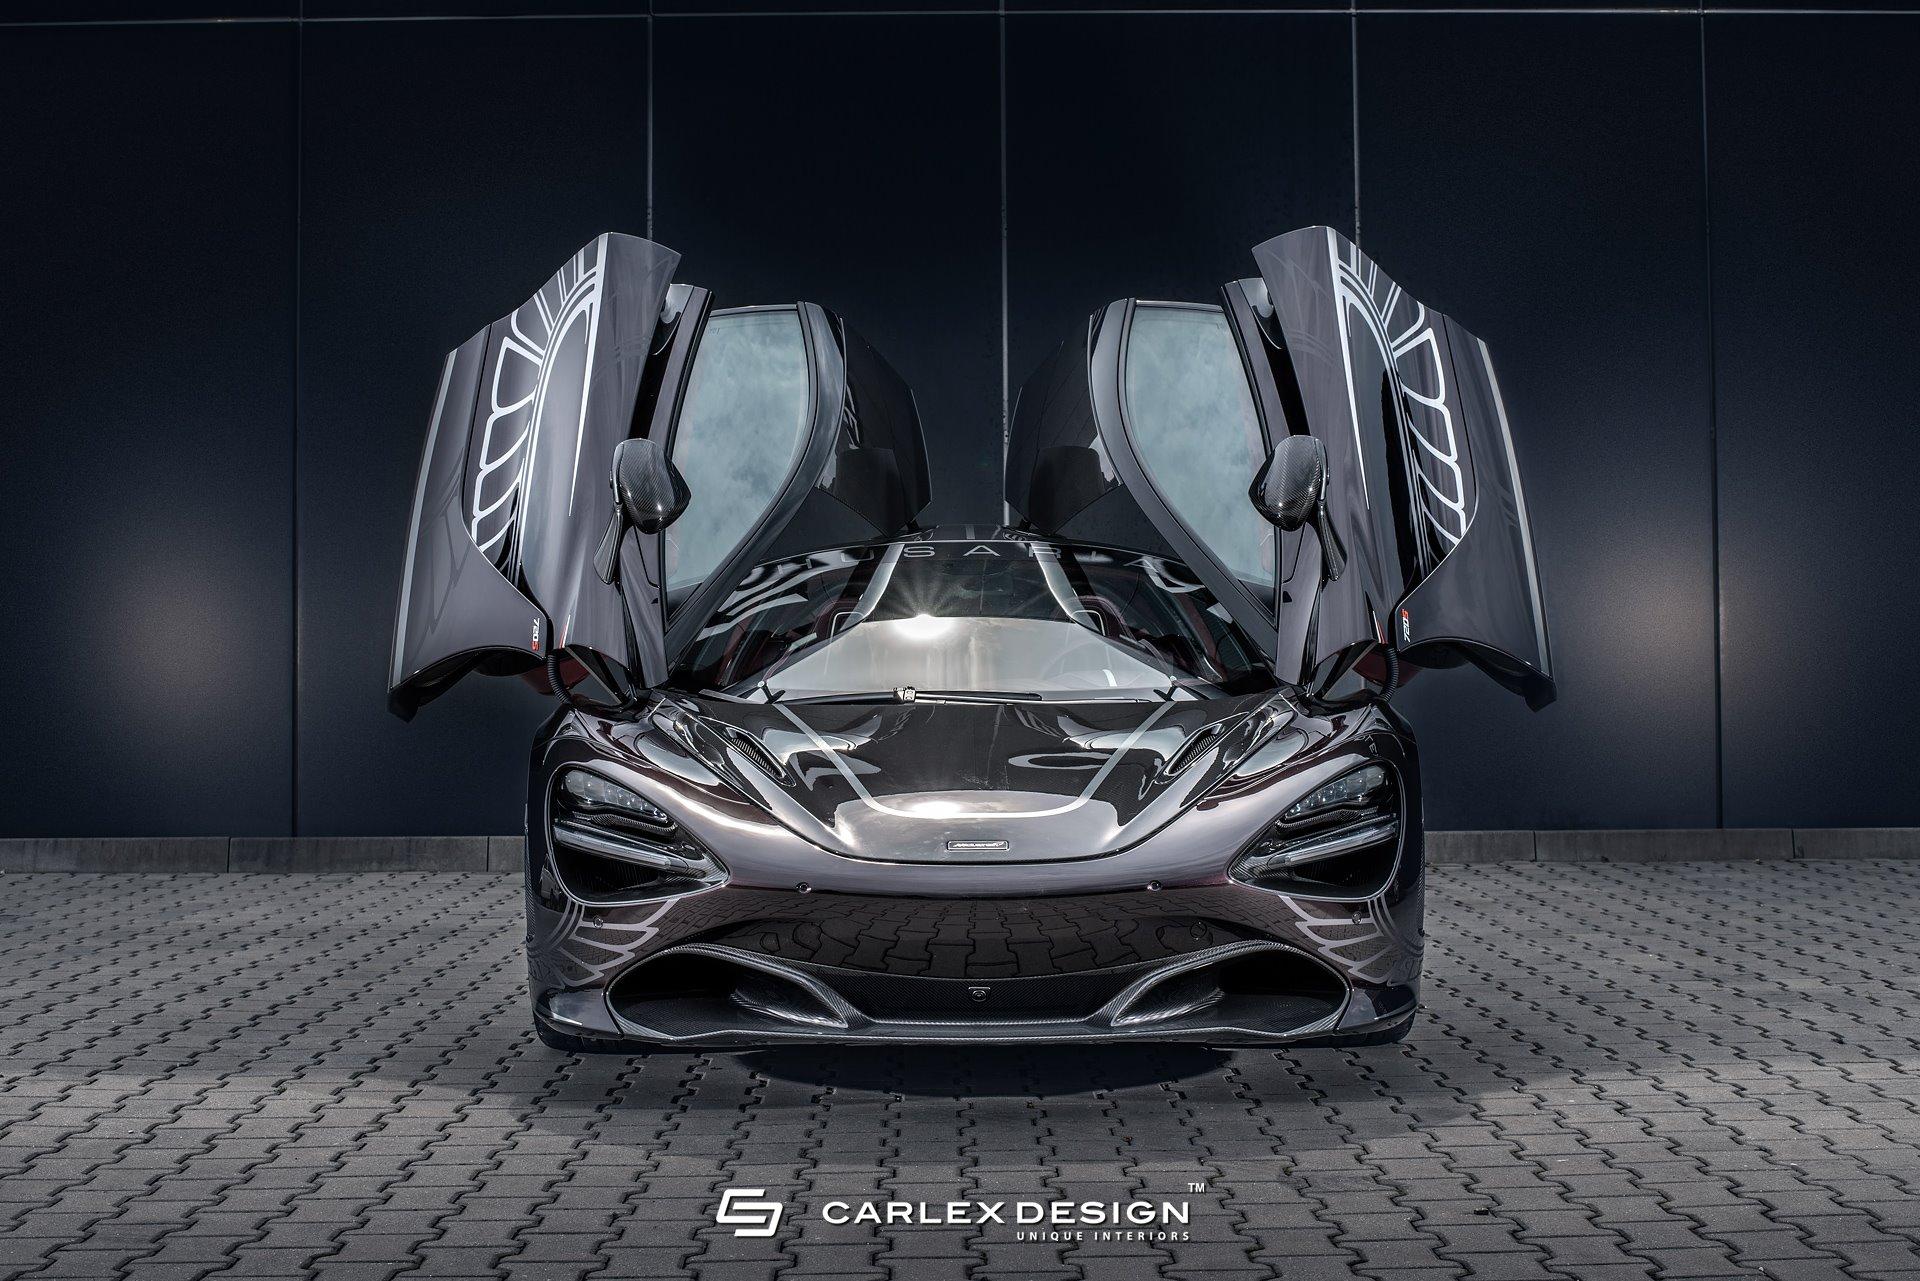 На самом деле автомобиль получает «крылатые» мотивы снаружи, в остальном, он остается полностью стоковым, за исключением того, что капот и крыша комплектуются специальными панелями MSO, выполненными из углеродного волокна. Сам автомобиль оснащен 4.0-